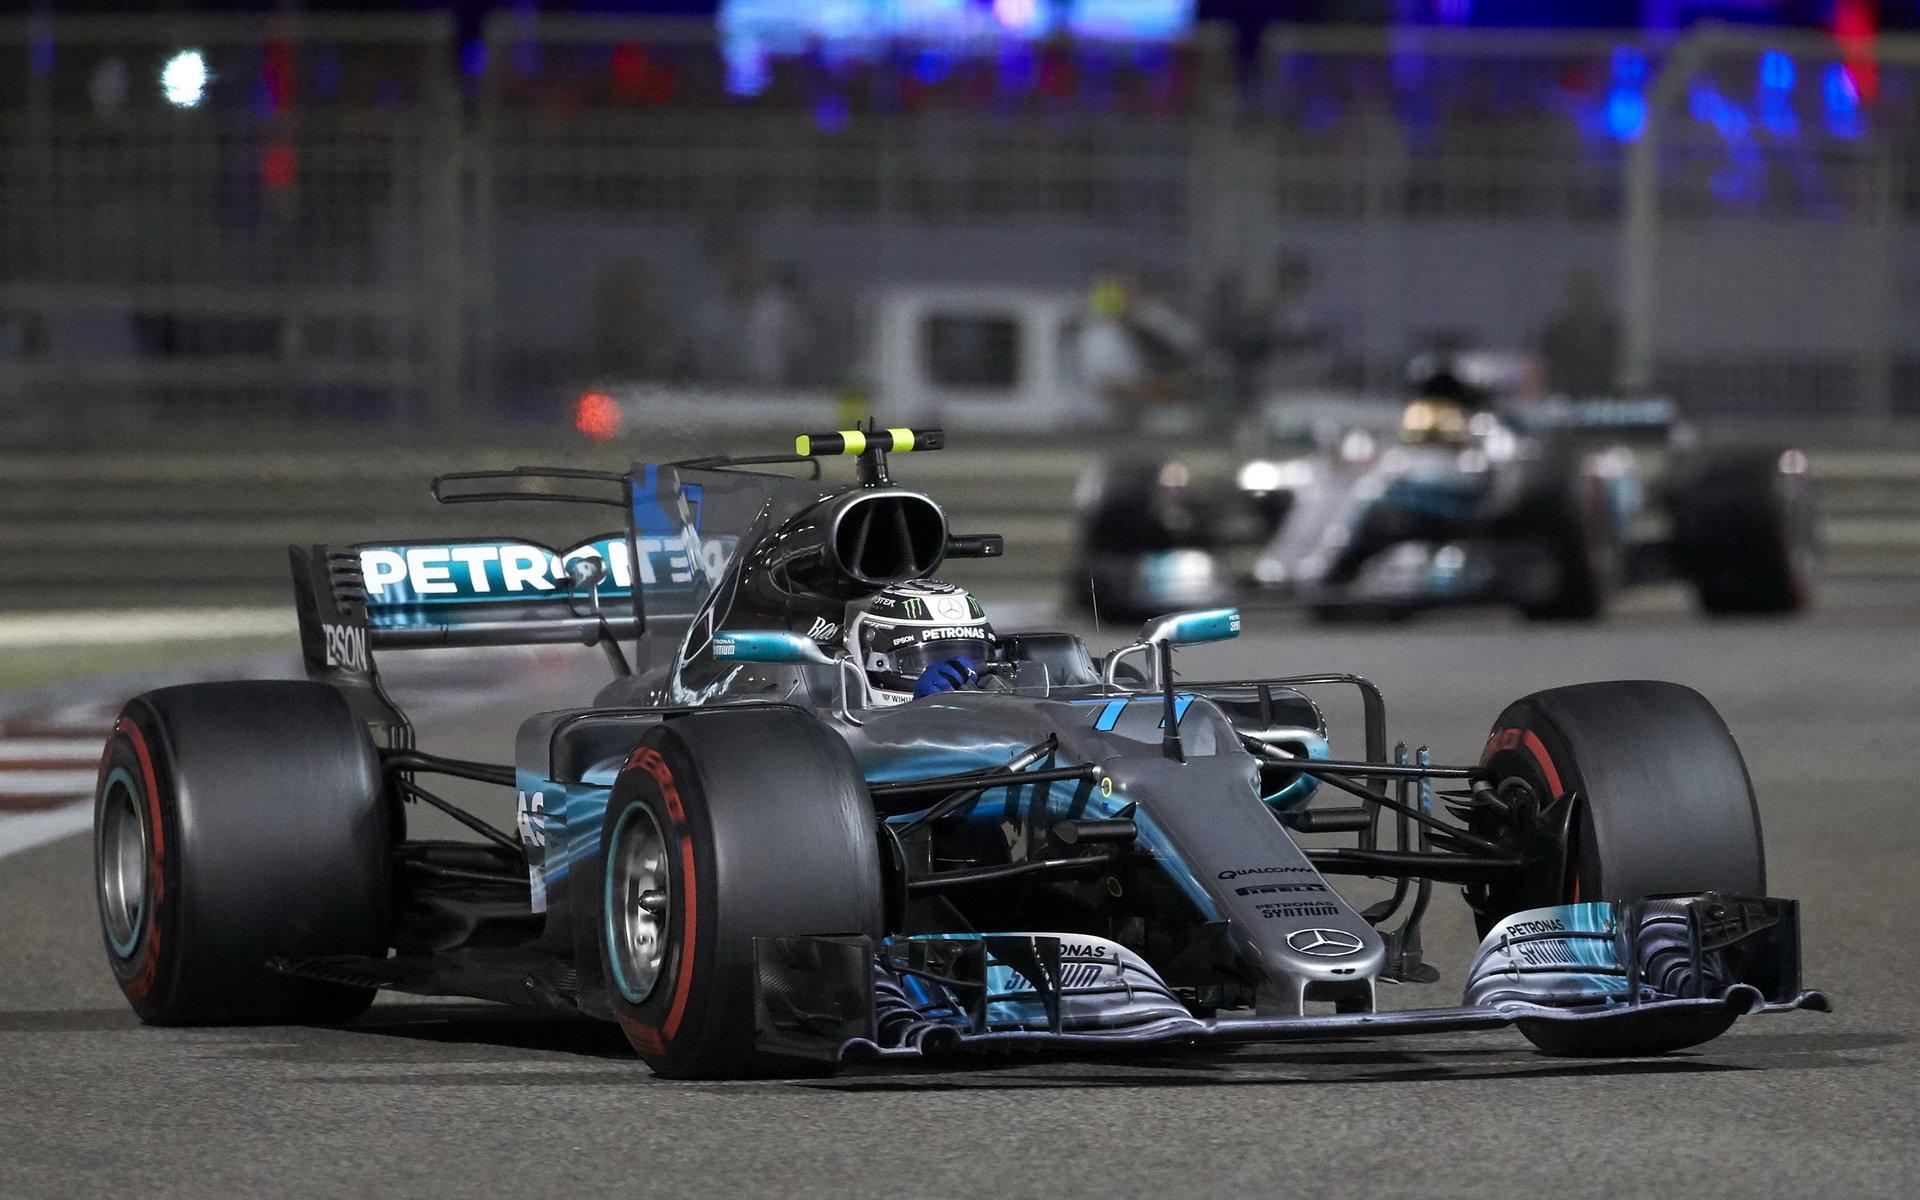 Čeká nás další sezóna, v níž bude udávat tempo Mercedes?